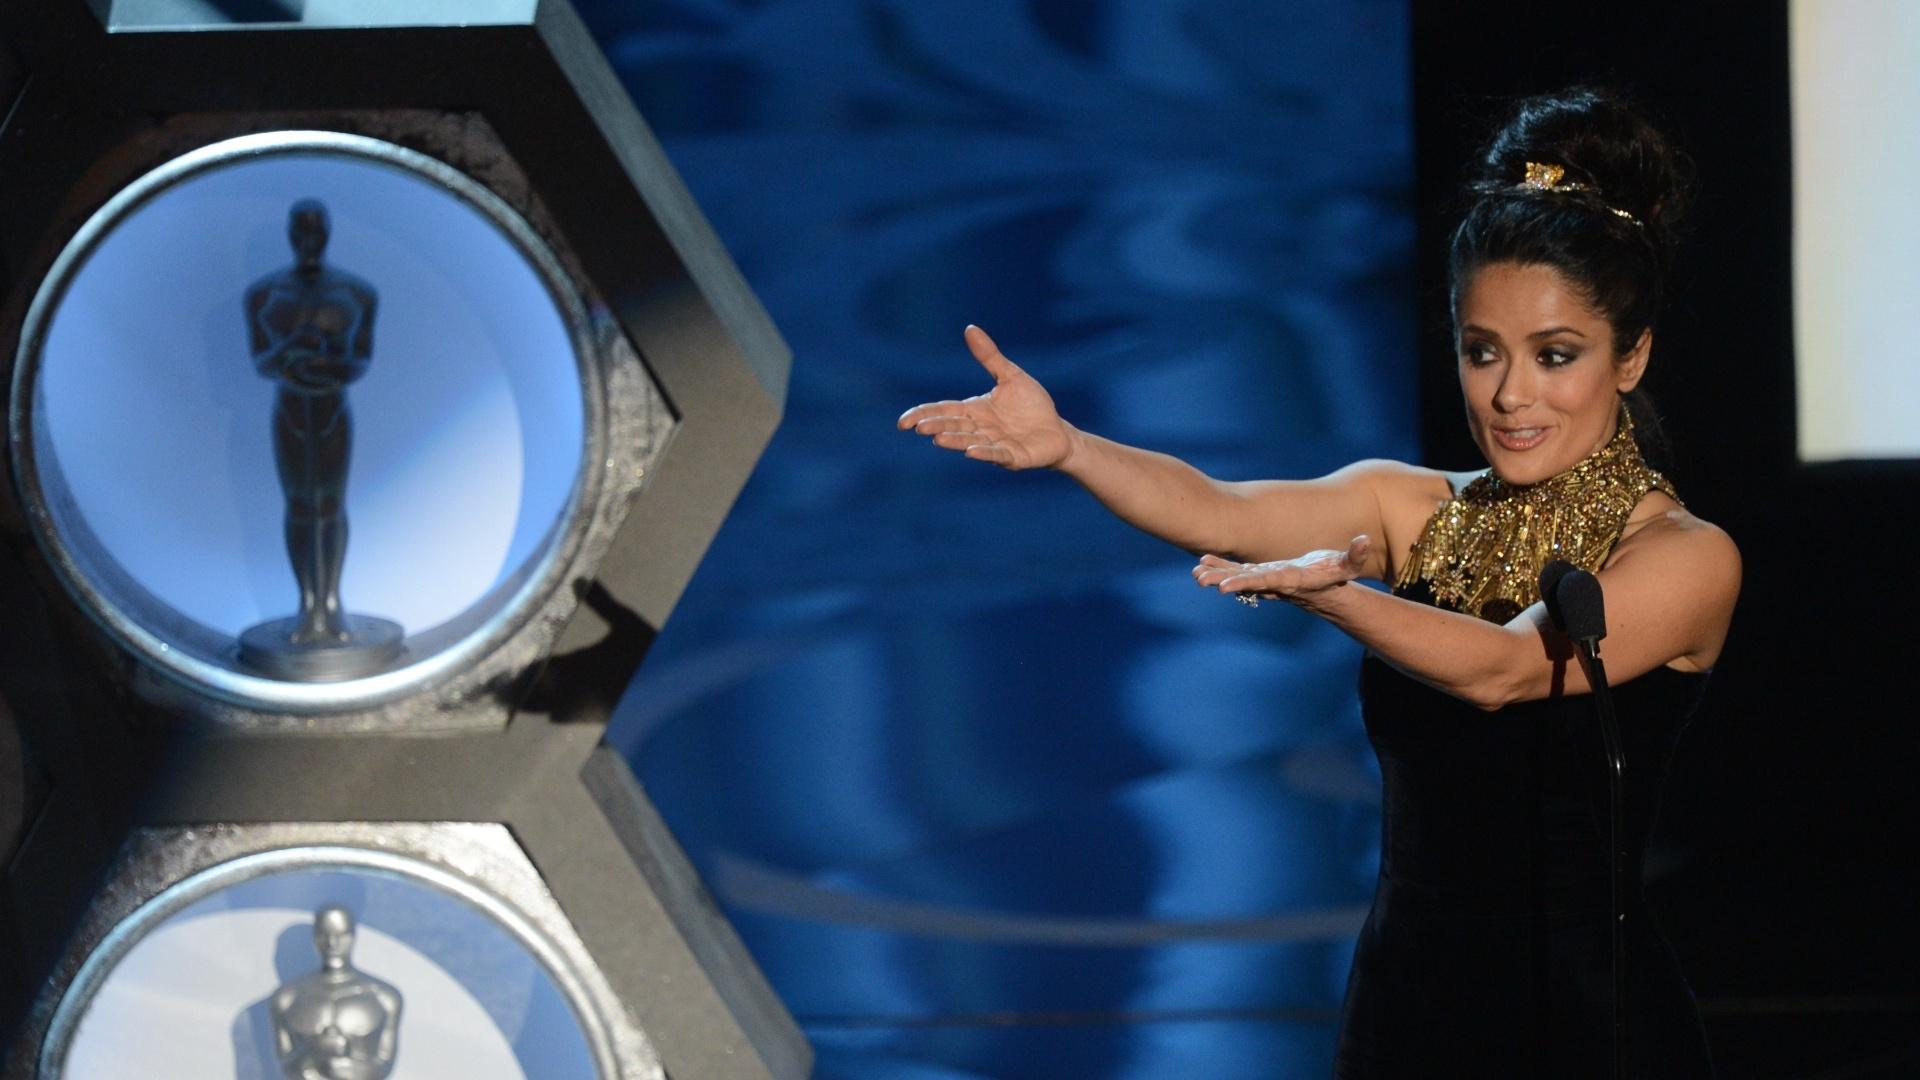 24.fev.2013 - A atriz Salma Hayek relembrou George Stevens, Hal Needham e D.A. Pennerberger, que receberam Oscar honorário por sua contribuição à indústria